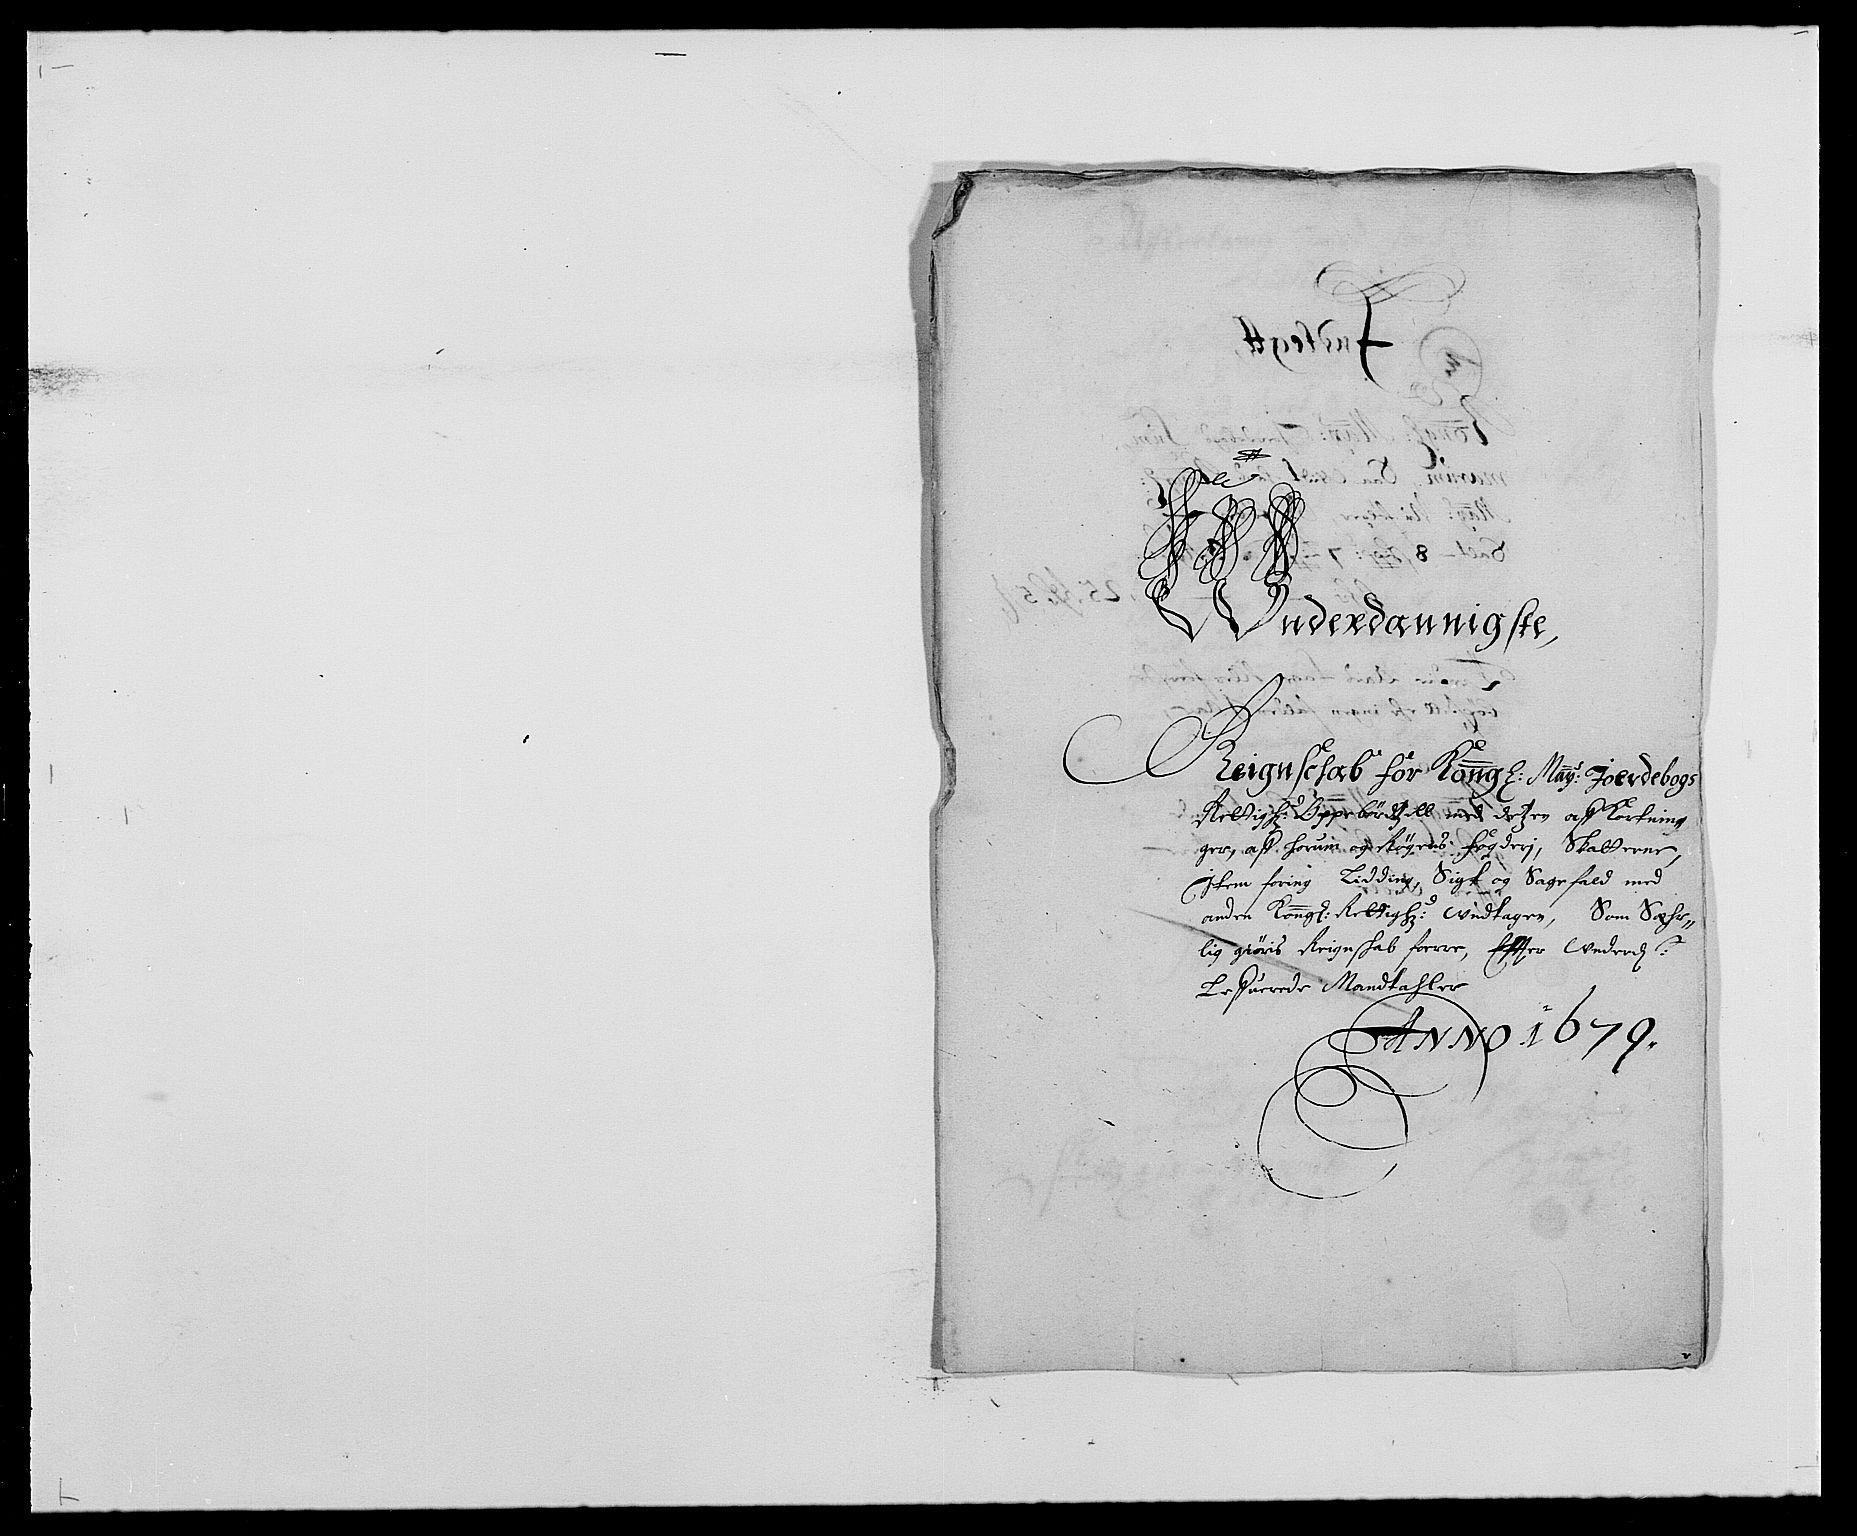 RA, Rentekammeret inntil 1814, Reviderte regnskaper, Fogderegnskap, R29/L1691: Fogderegnskap Hurum og Røyken, 1678-1681, s. 230